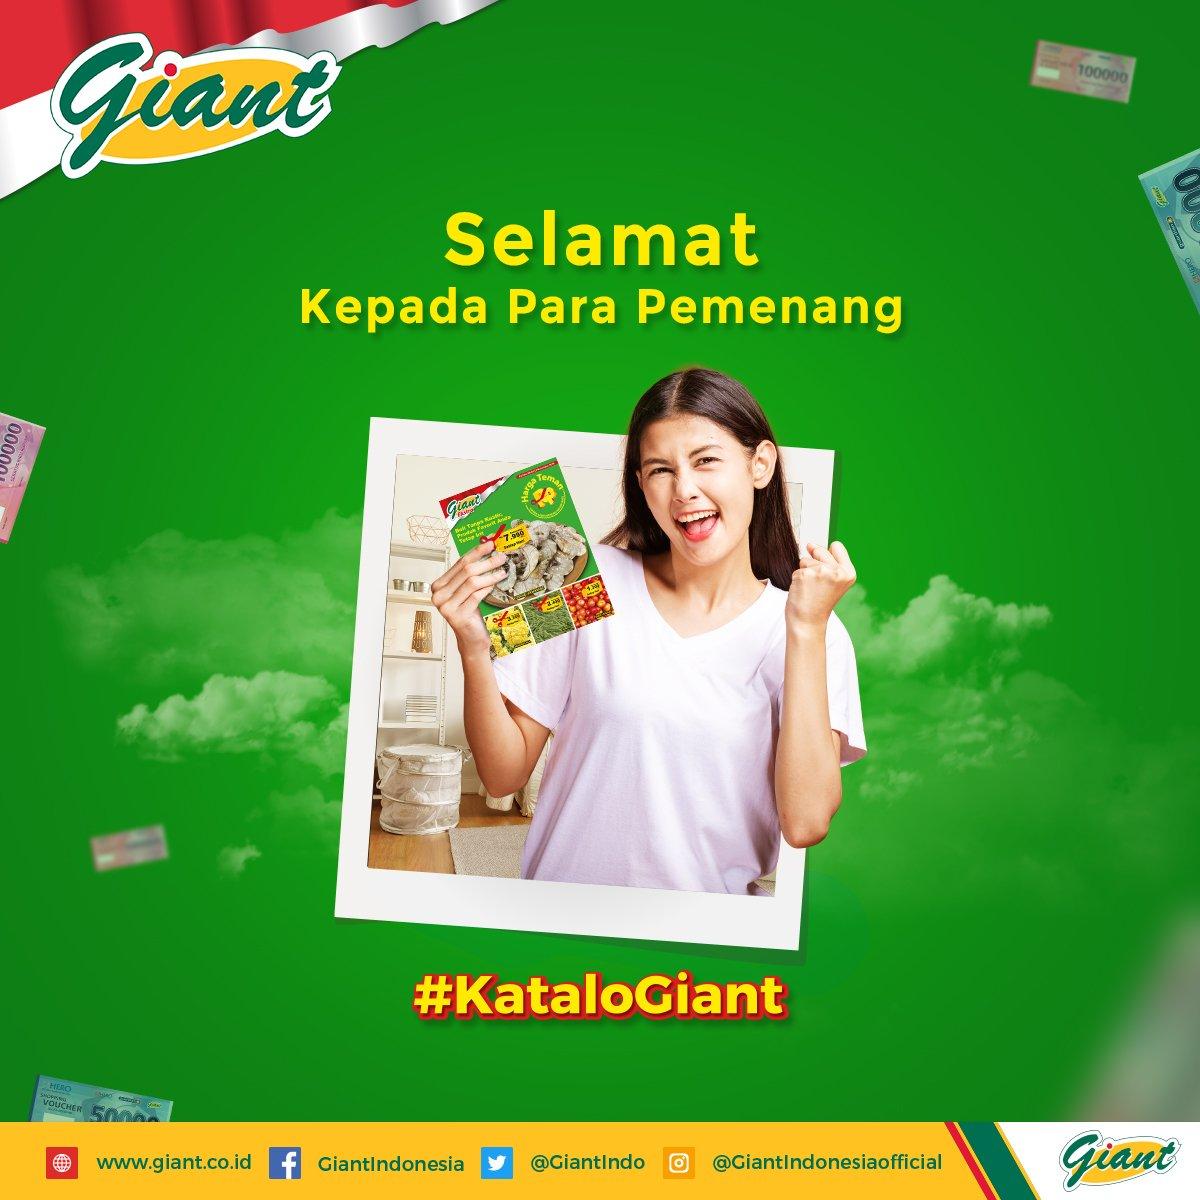 Kata lo Giant murah hati? Bener banget, dong! Nih Gimin kasih tahu siapa saja yang menangin challenge kuis #KataloGiant  Gimin ucapkan selamat kepada para pemenang. Pemenang akan dihubungi langsung oleh pihak Giant.  #KuisGiant #GiantIndonesia #GiantHargaMurahSetiapHari